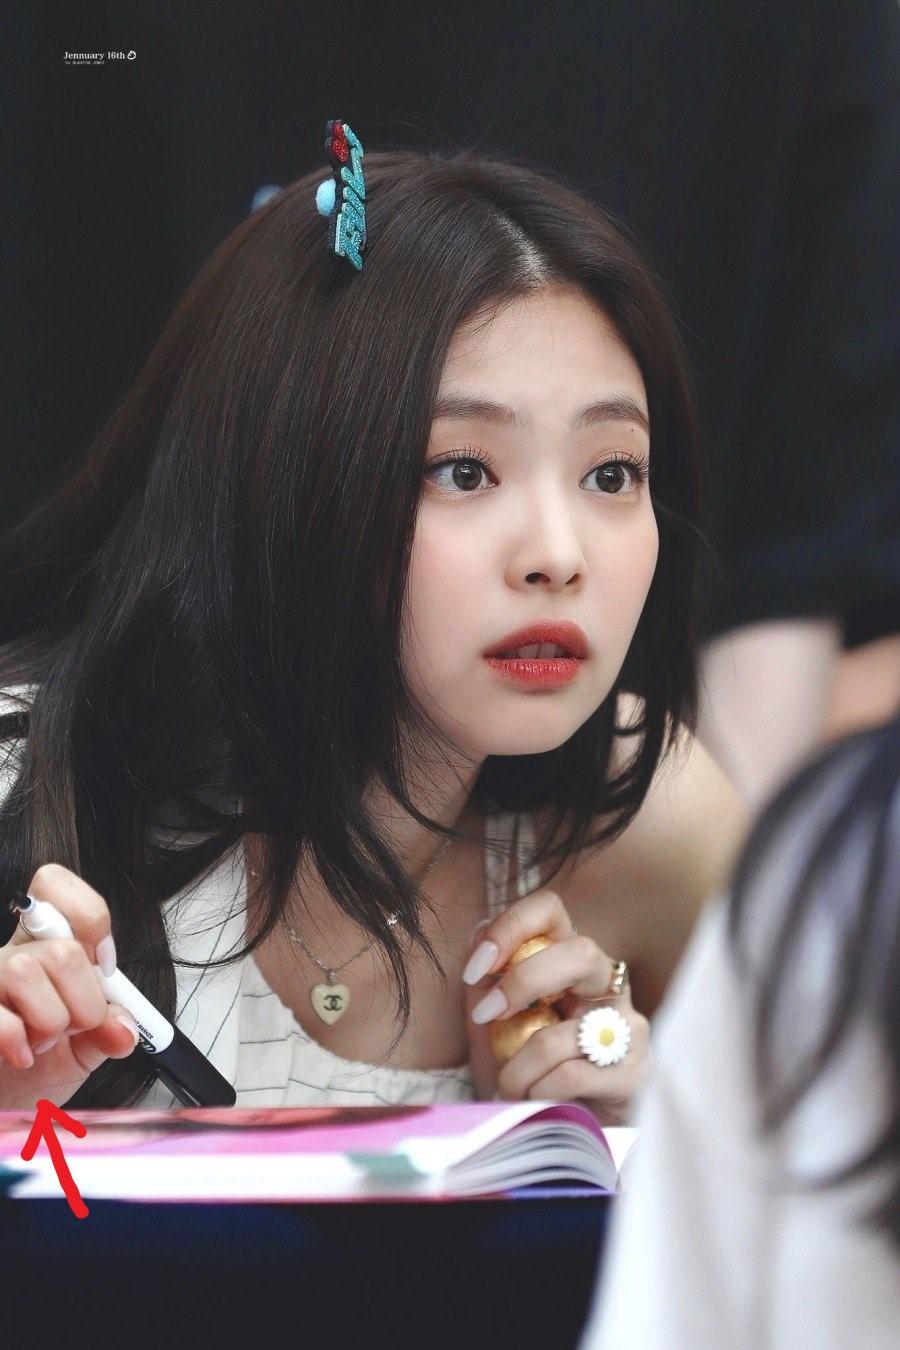 팬사인회 중 손톱을 잃어버린 블랙핑크 제니 - 꾸르